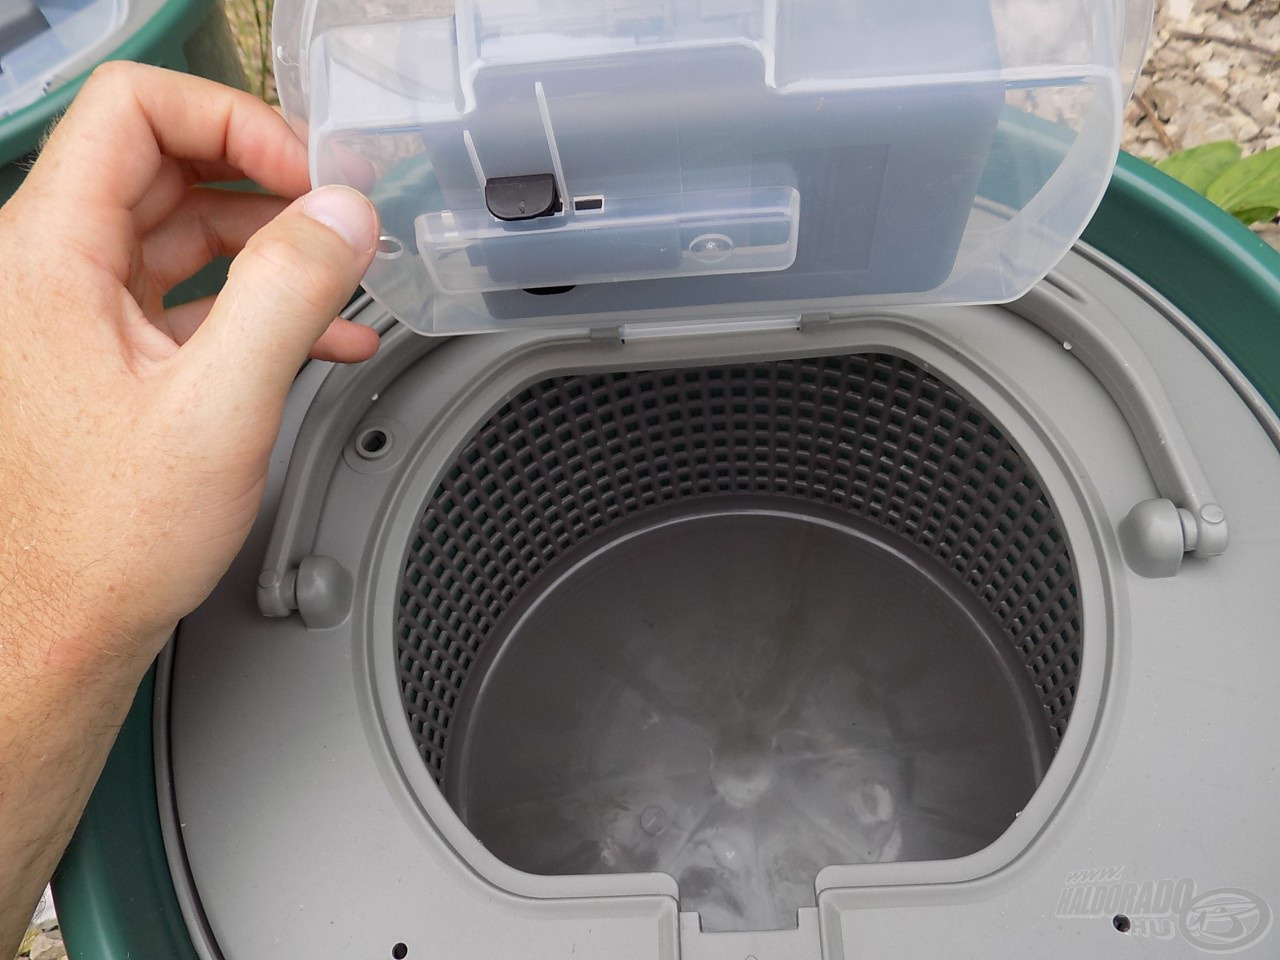 Ezzel a biztonságos megoldással és rögzítési móddal számtalanszor nyithatjuk, zárhatjuk a fedelet pumpástul